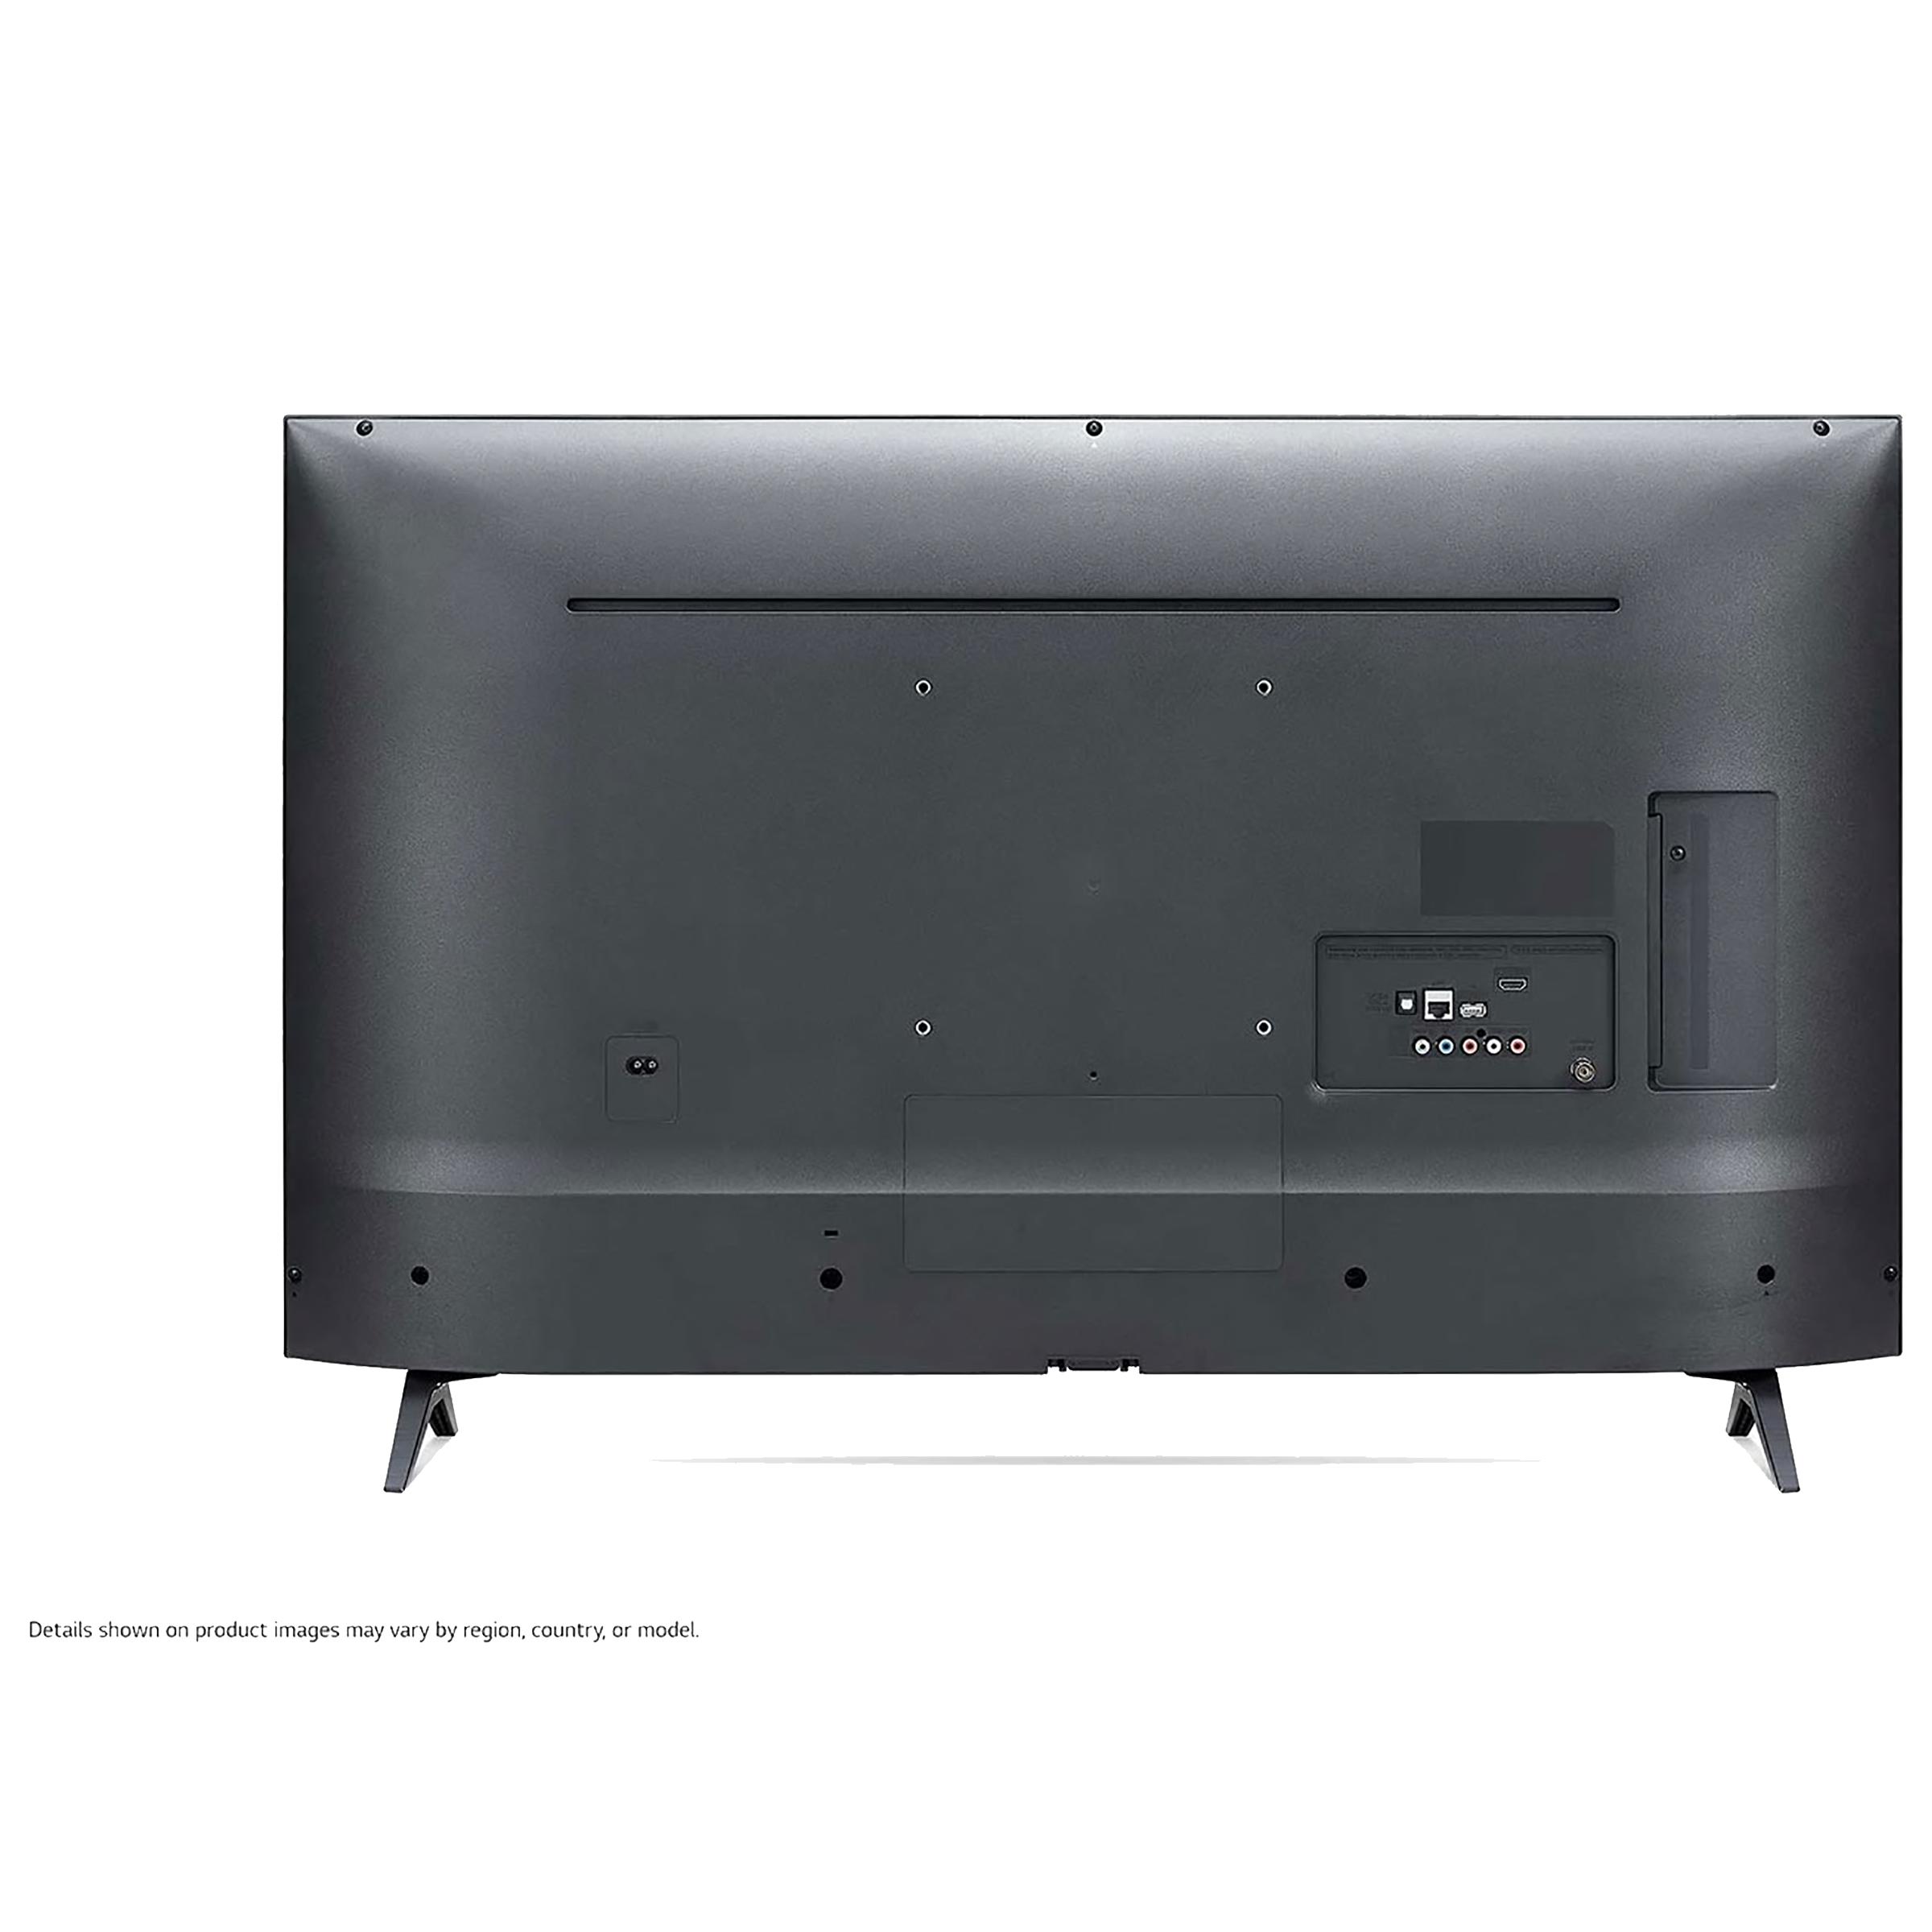 LG 108cm (43 Inch) 4K Ultra HD LED Smart TV (Google Assistant, 43UM7780, Ceramic Black) 6